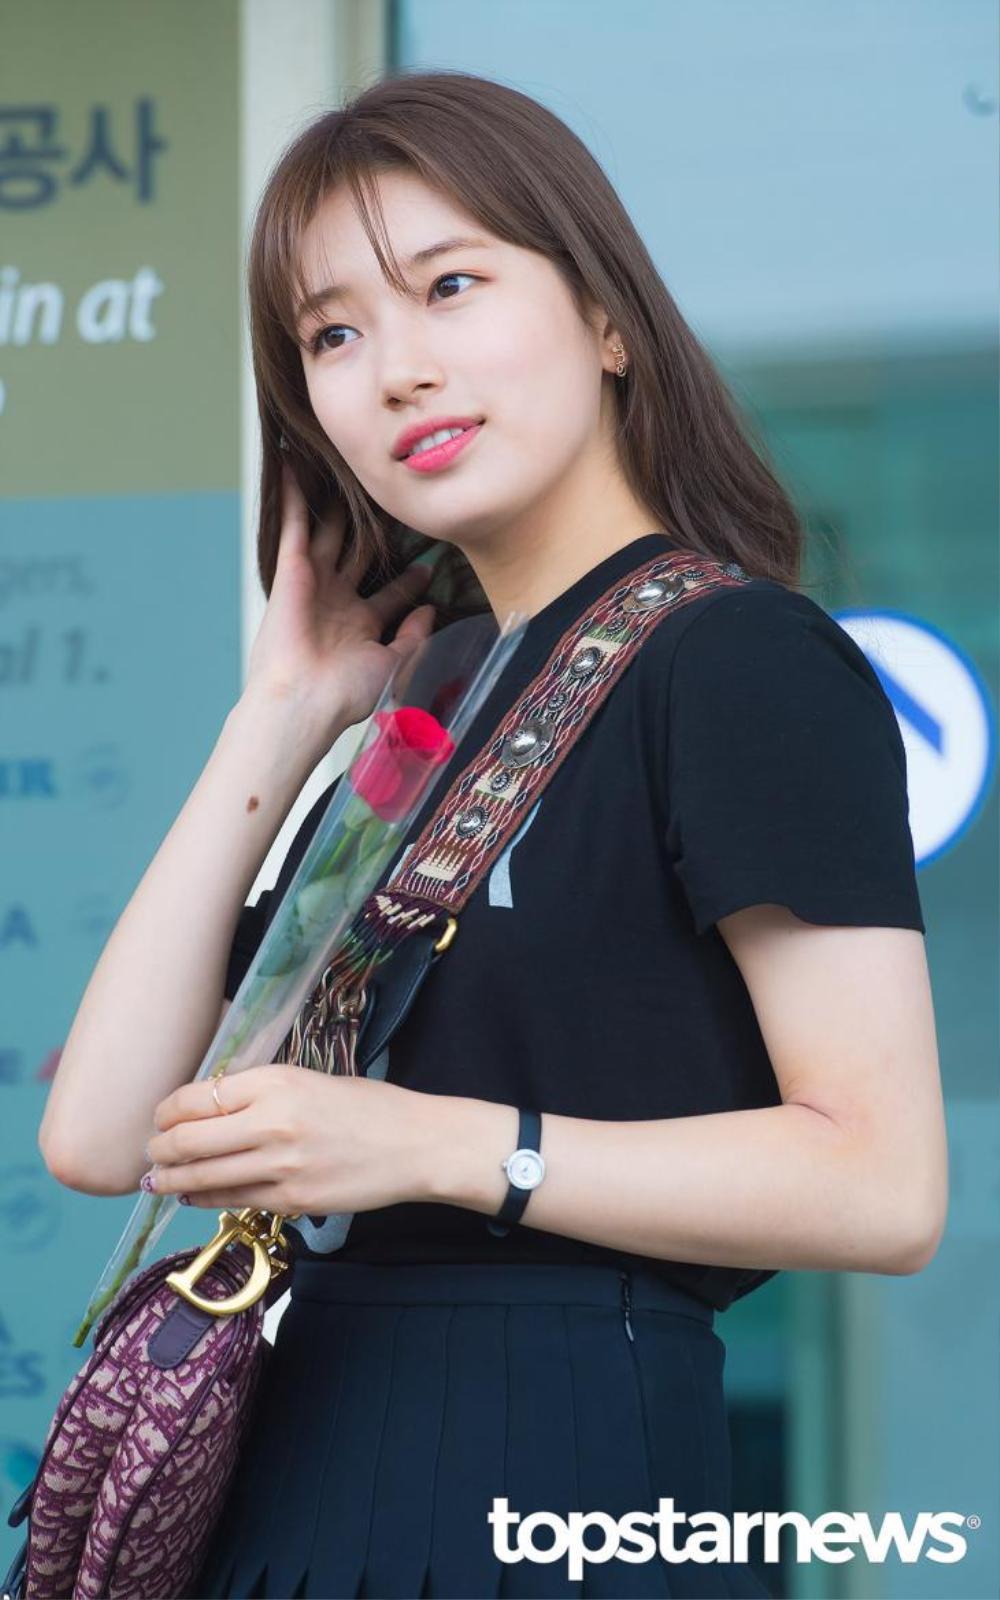 Sau Park Seo Joon - Song Joong Ki, Suzy và Park Ji Hoon quyên góp 2 tỷ đồng cho nạn nhân lũ lụt ở Hàn Ảnh 2